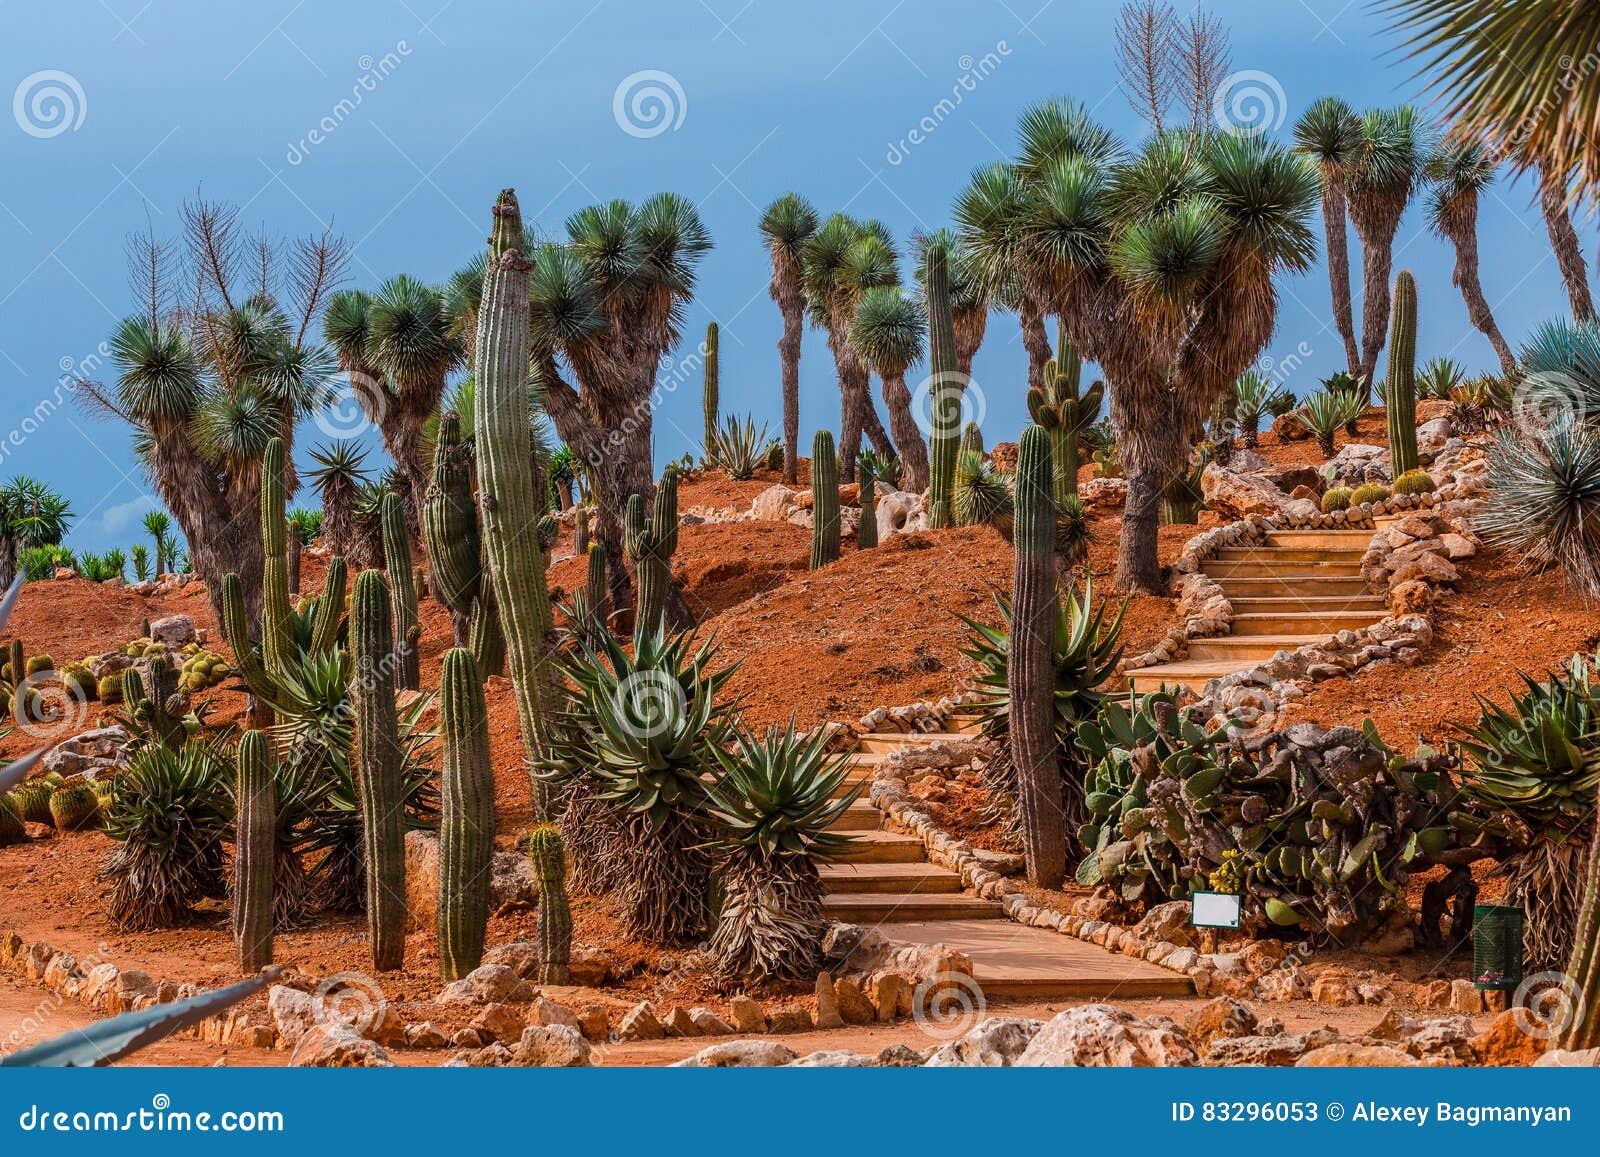 Paysage de cactus cactus mexique gisement de cactus jardin de cactoo photo stock image 83296053 for Paysage de jardin